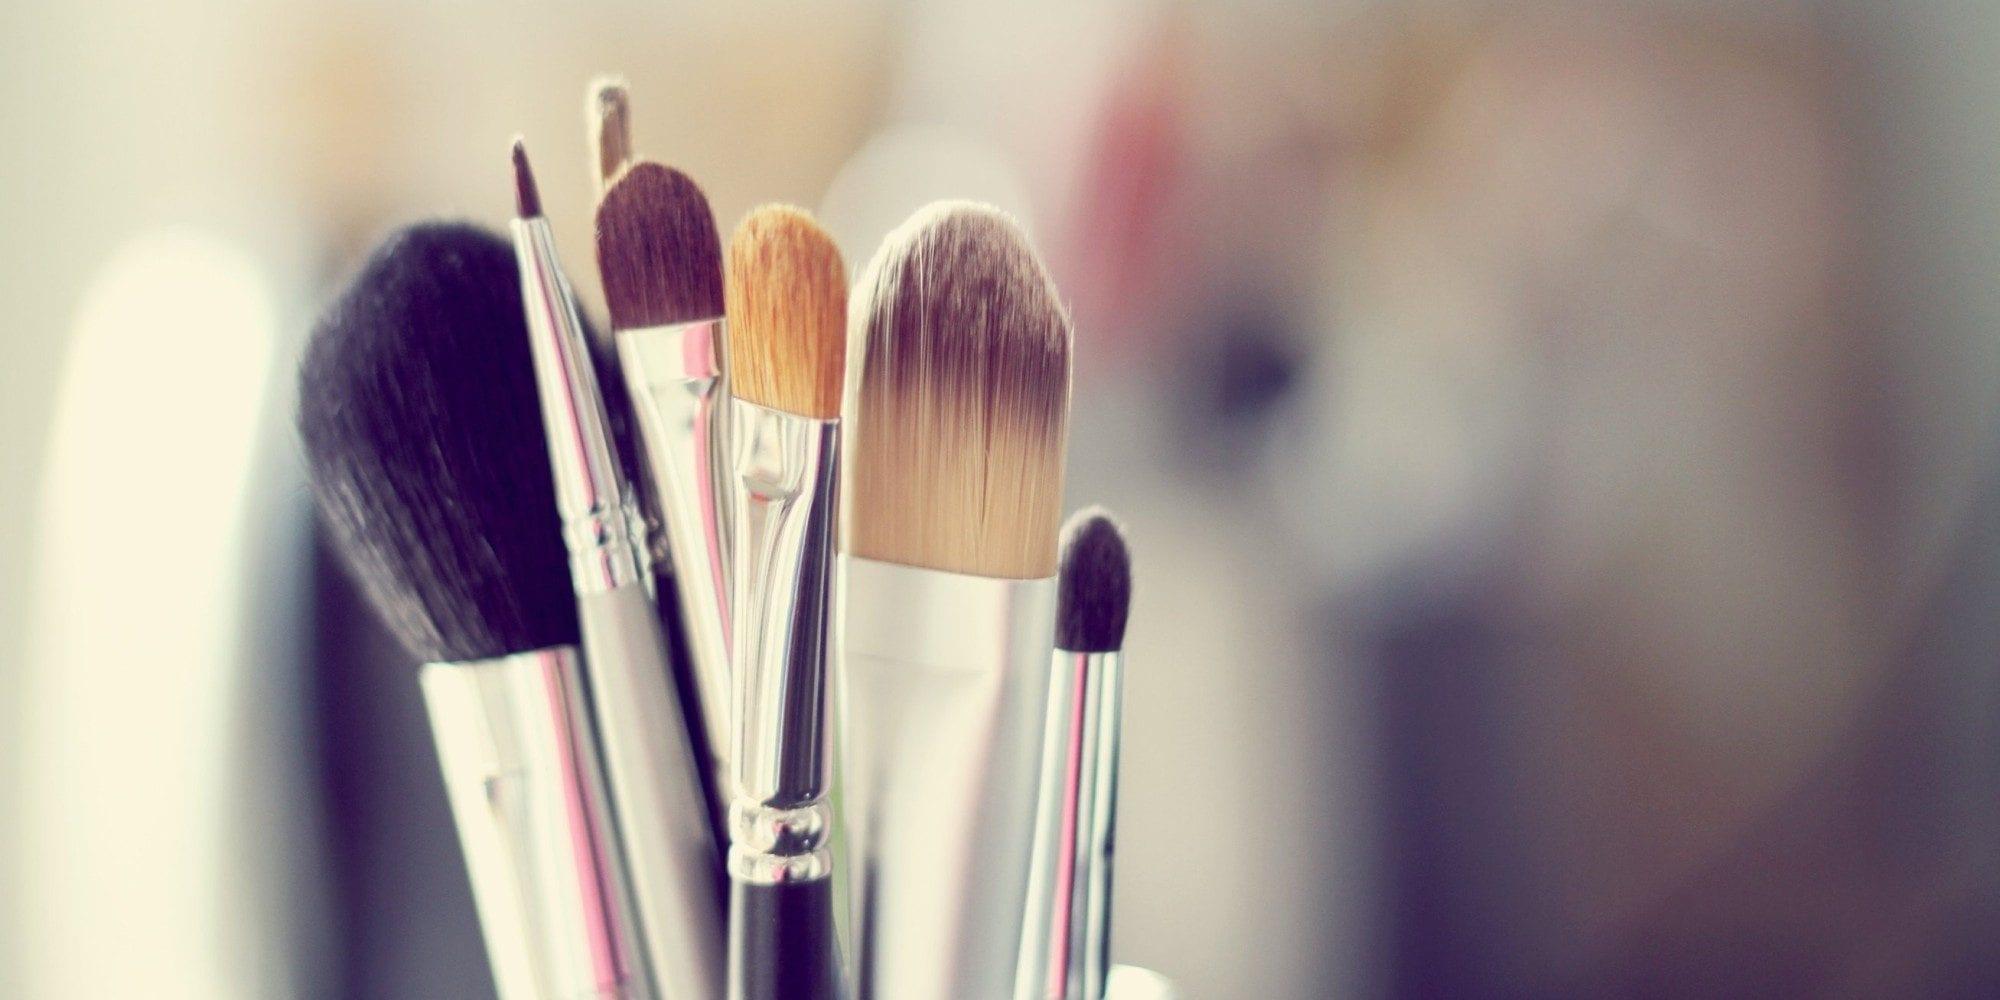 Sombra líquida: Motivos para usar, vantagens e dicas